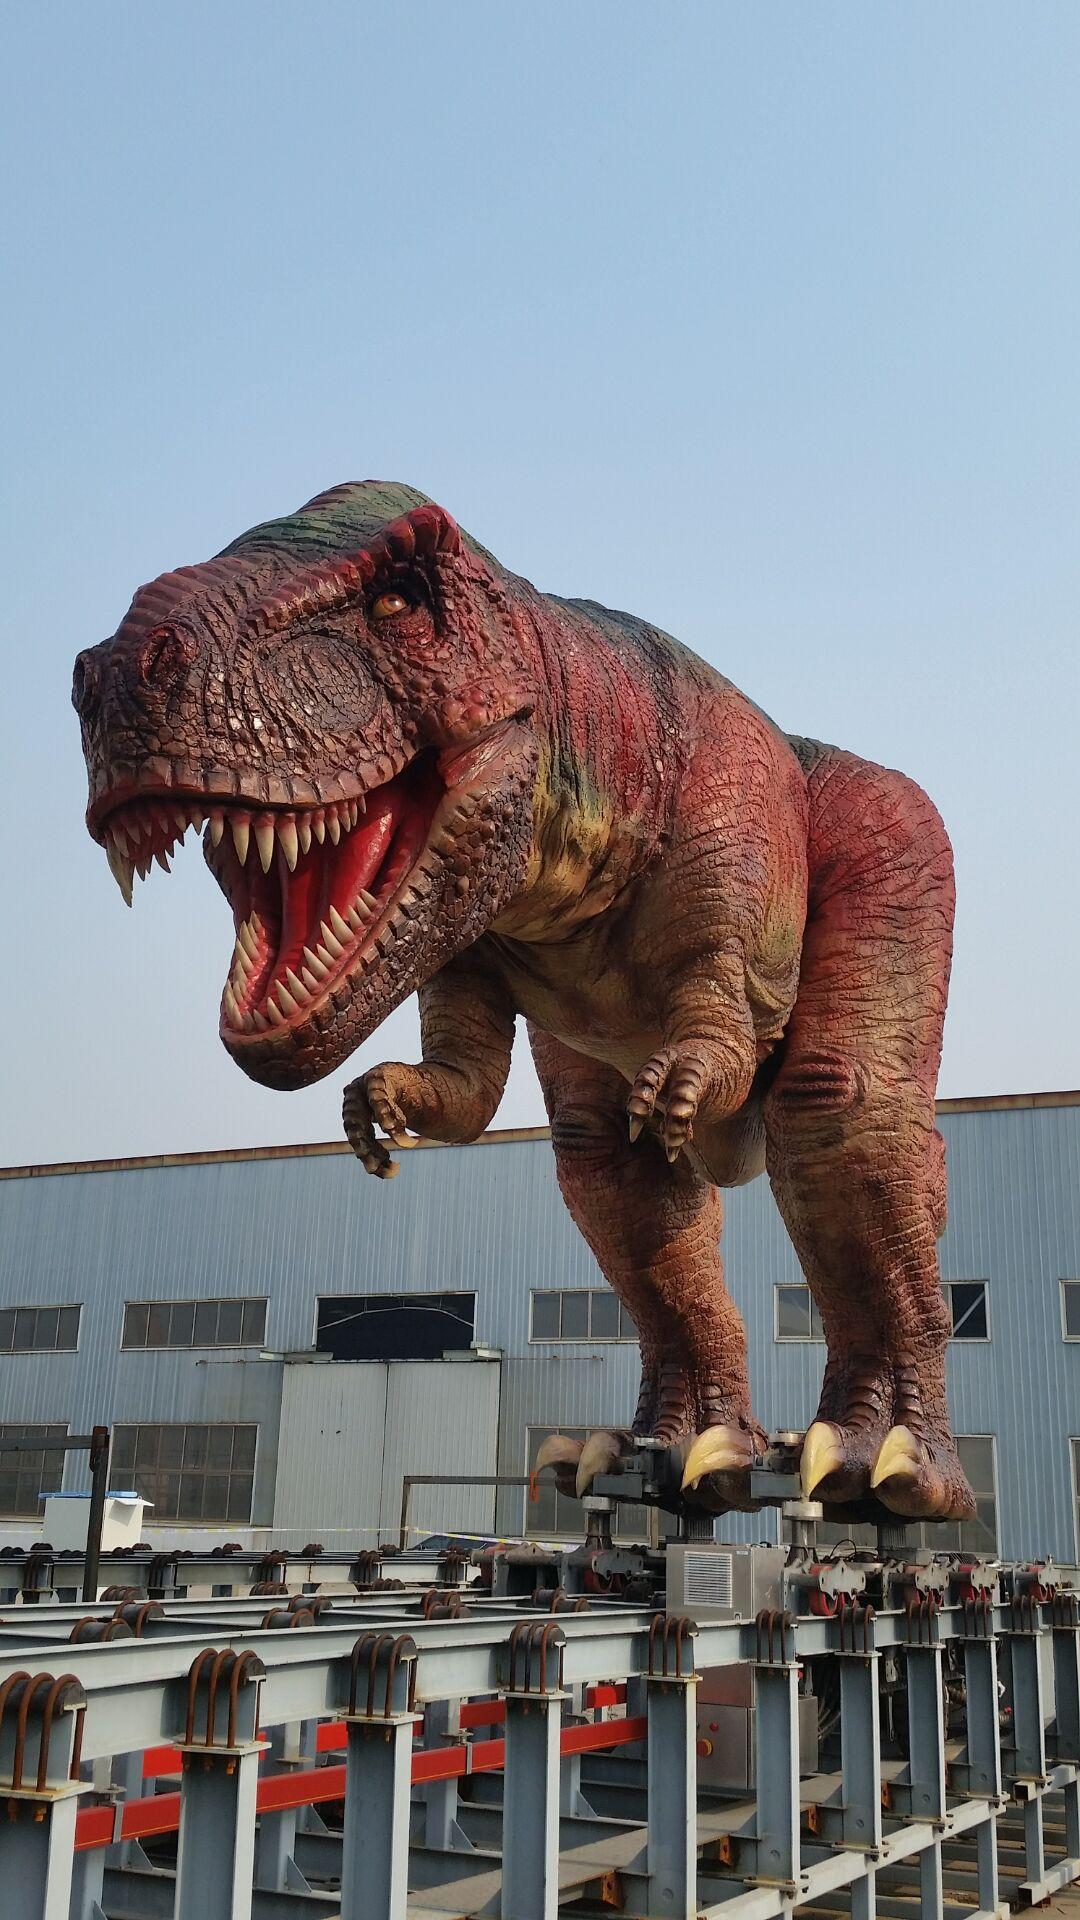 Γιγαντιαίος ρομποτικός δεινόσαυρος